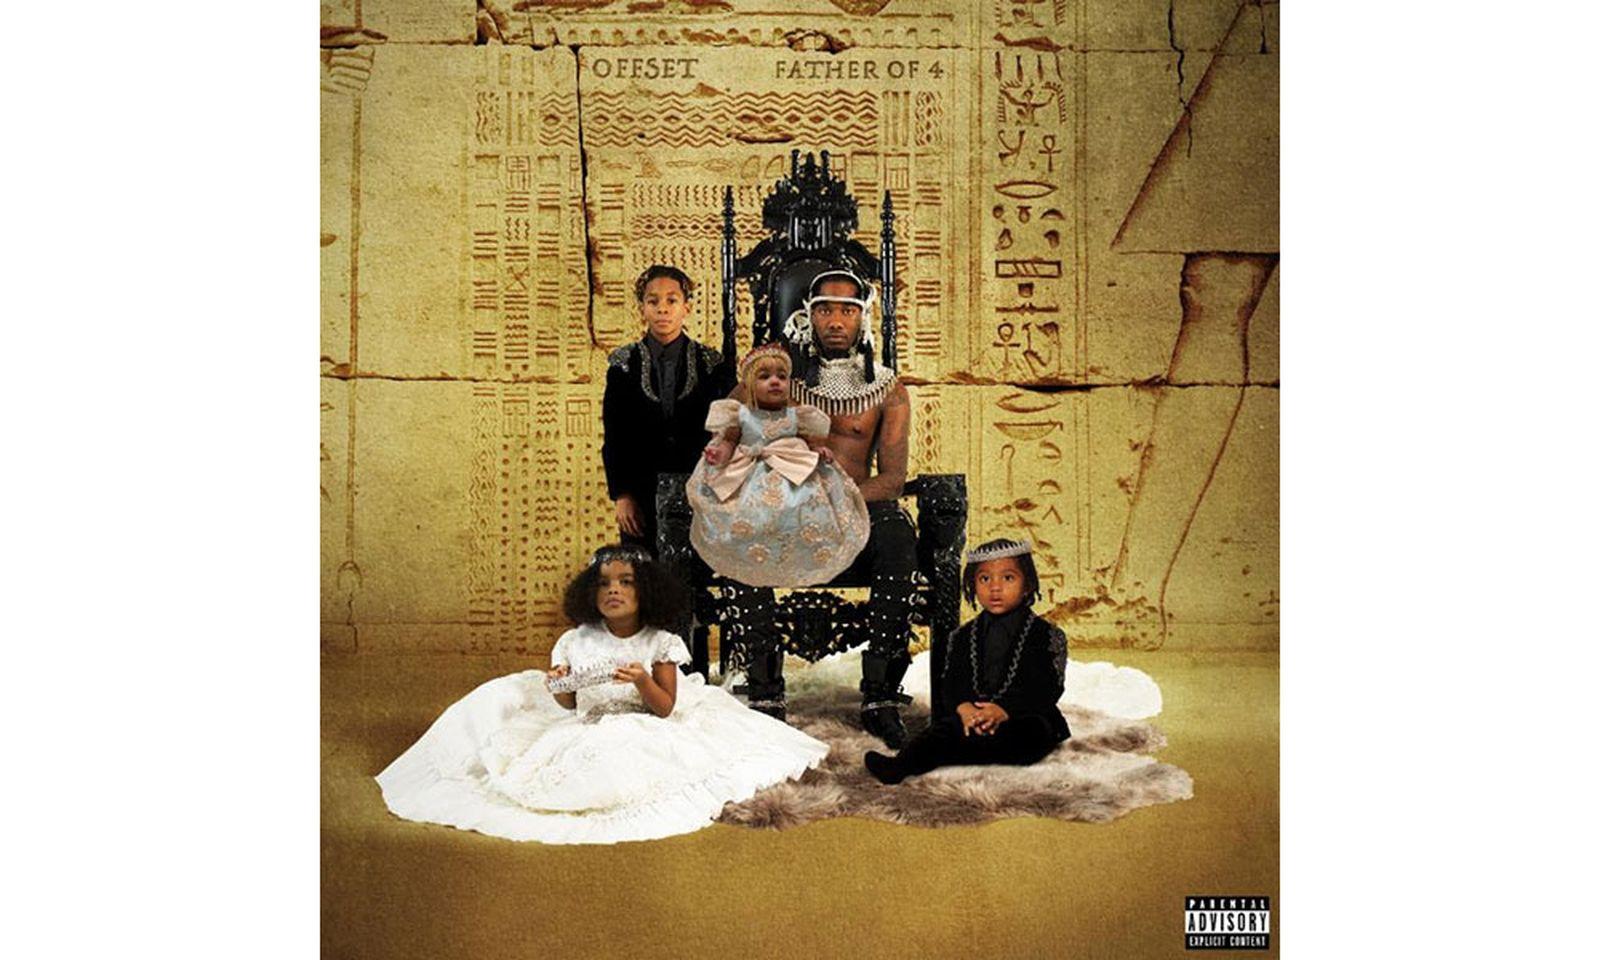 offset father of 4 album review migos